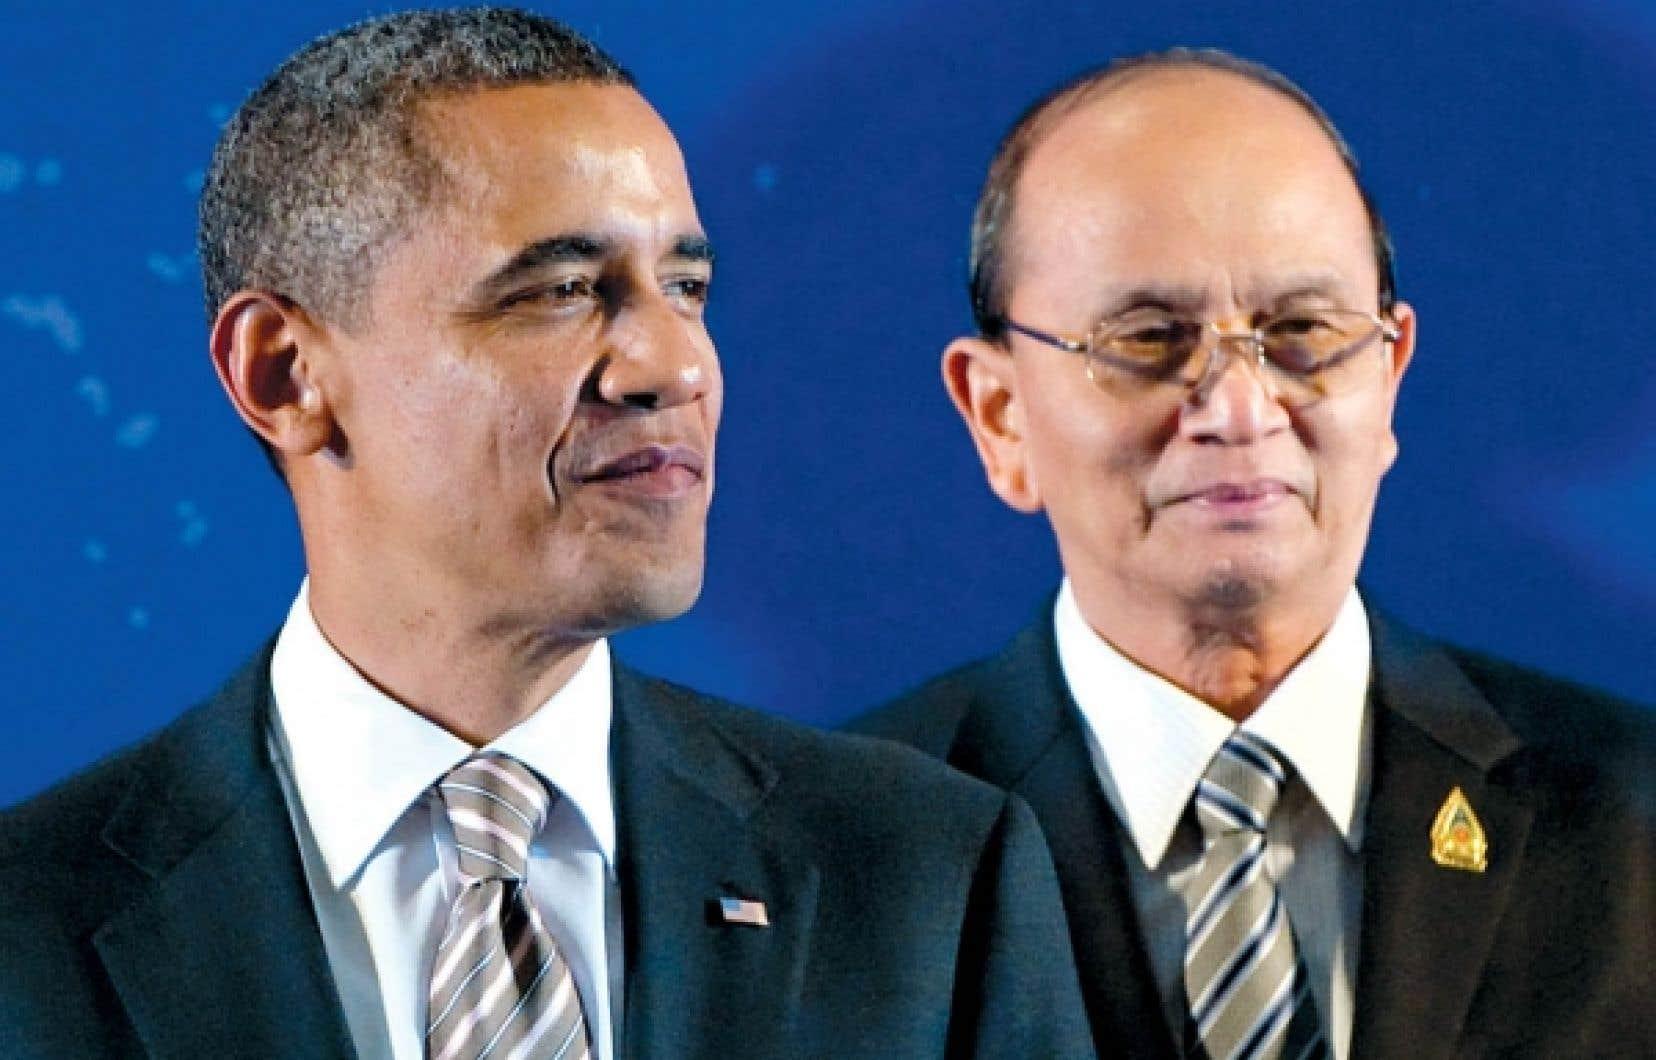 Le pr&eacute;sident birman, Thein Sein (&agrave; droite), en compagnie de Barack Obama, la semaine derni&egrave;re au sommet de l&rsquo;Association des nations d&rsquo;Asie du Sud-Est &agrave; Nusa Dua, en Indon&eacute;sie<br />